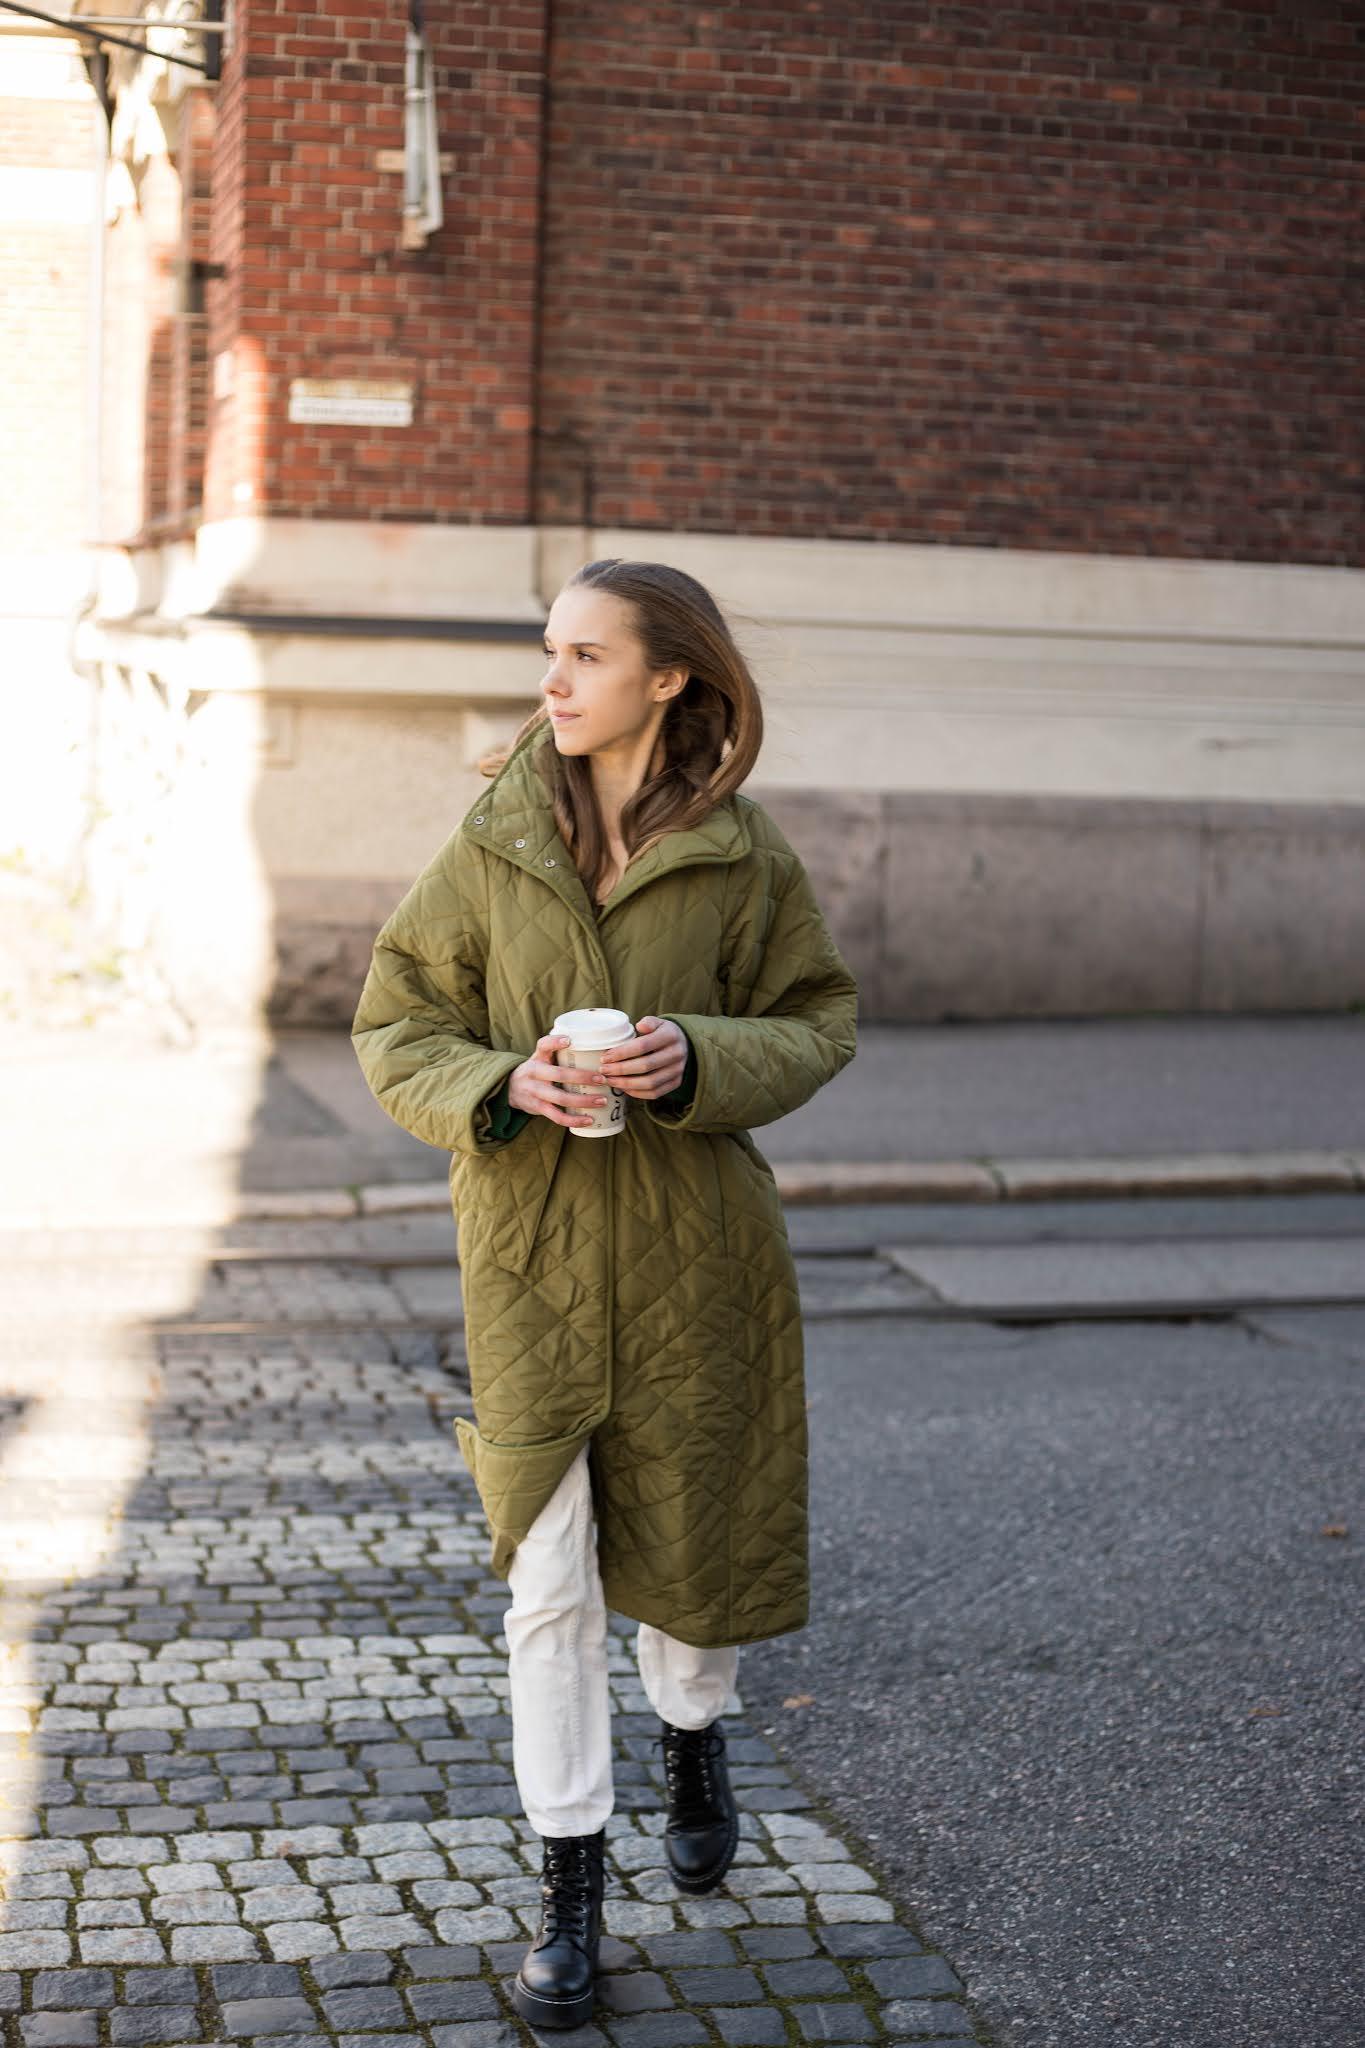 Syksyn ja talven trendikkäin takki // The trendiest coat for autumn and winter